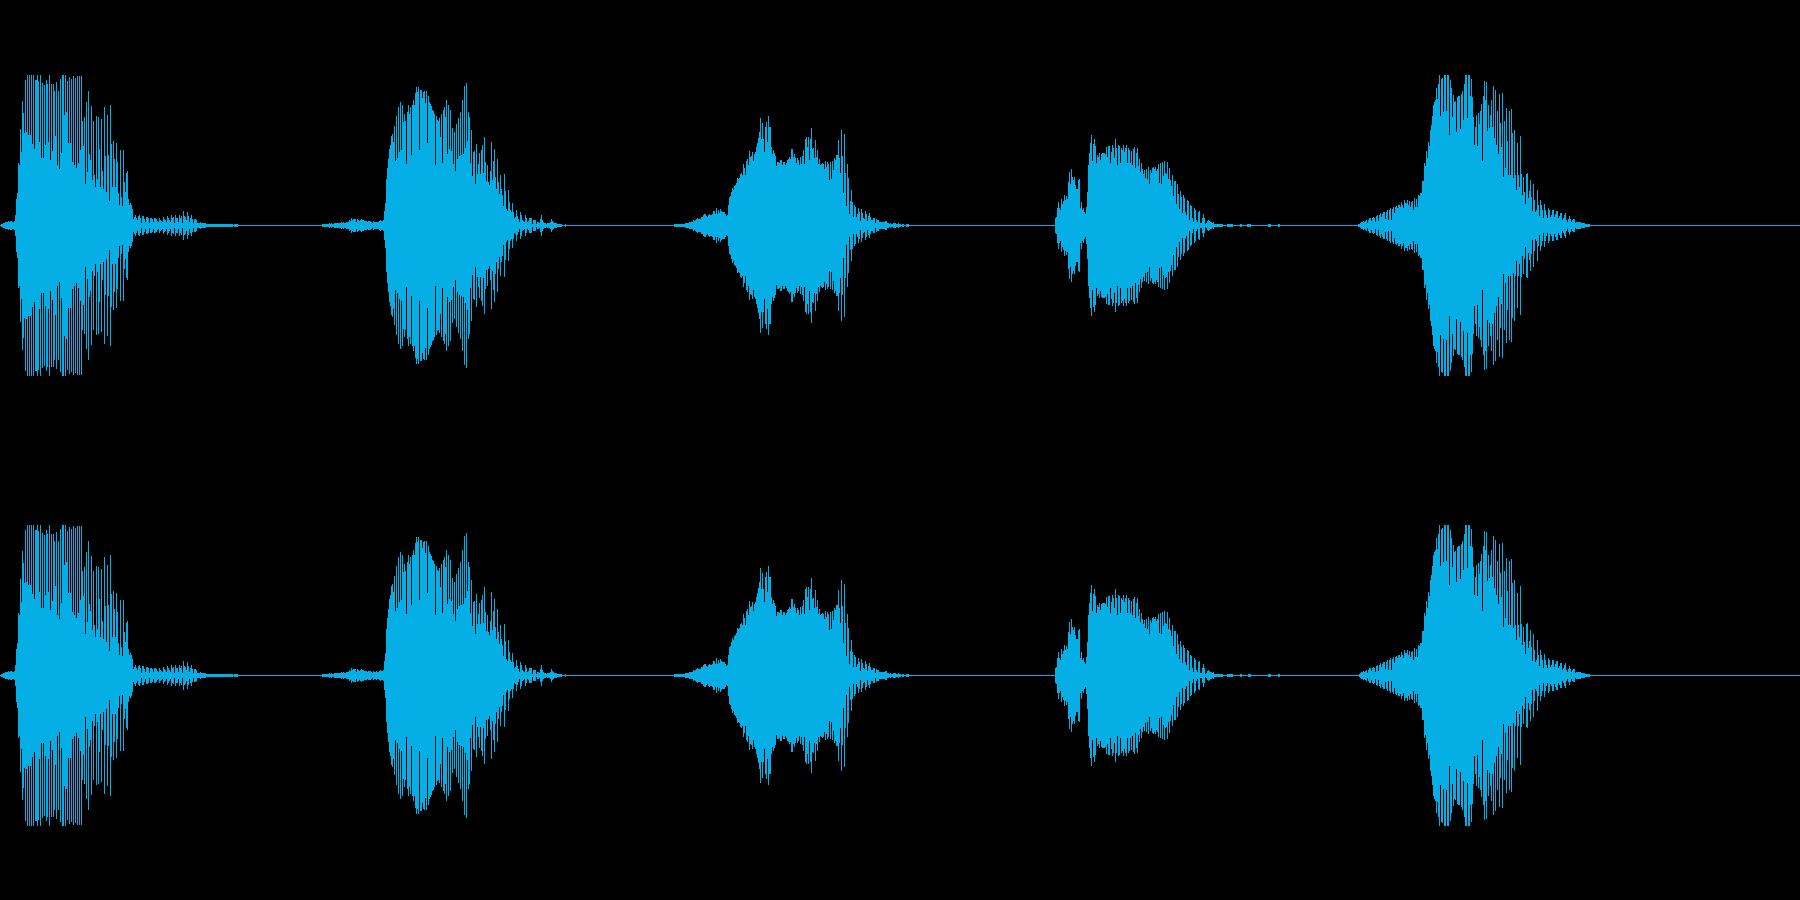 カウント 54321 (英語・平常心の再生済みの波形